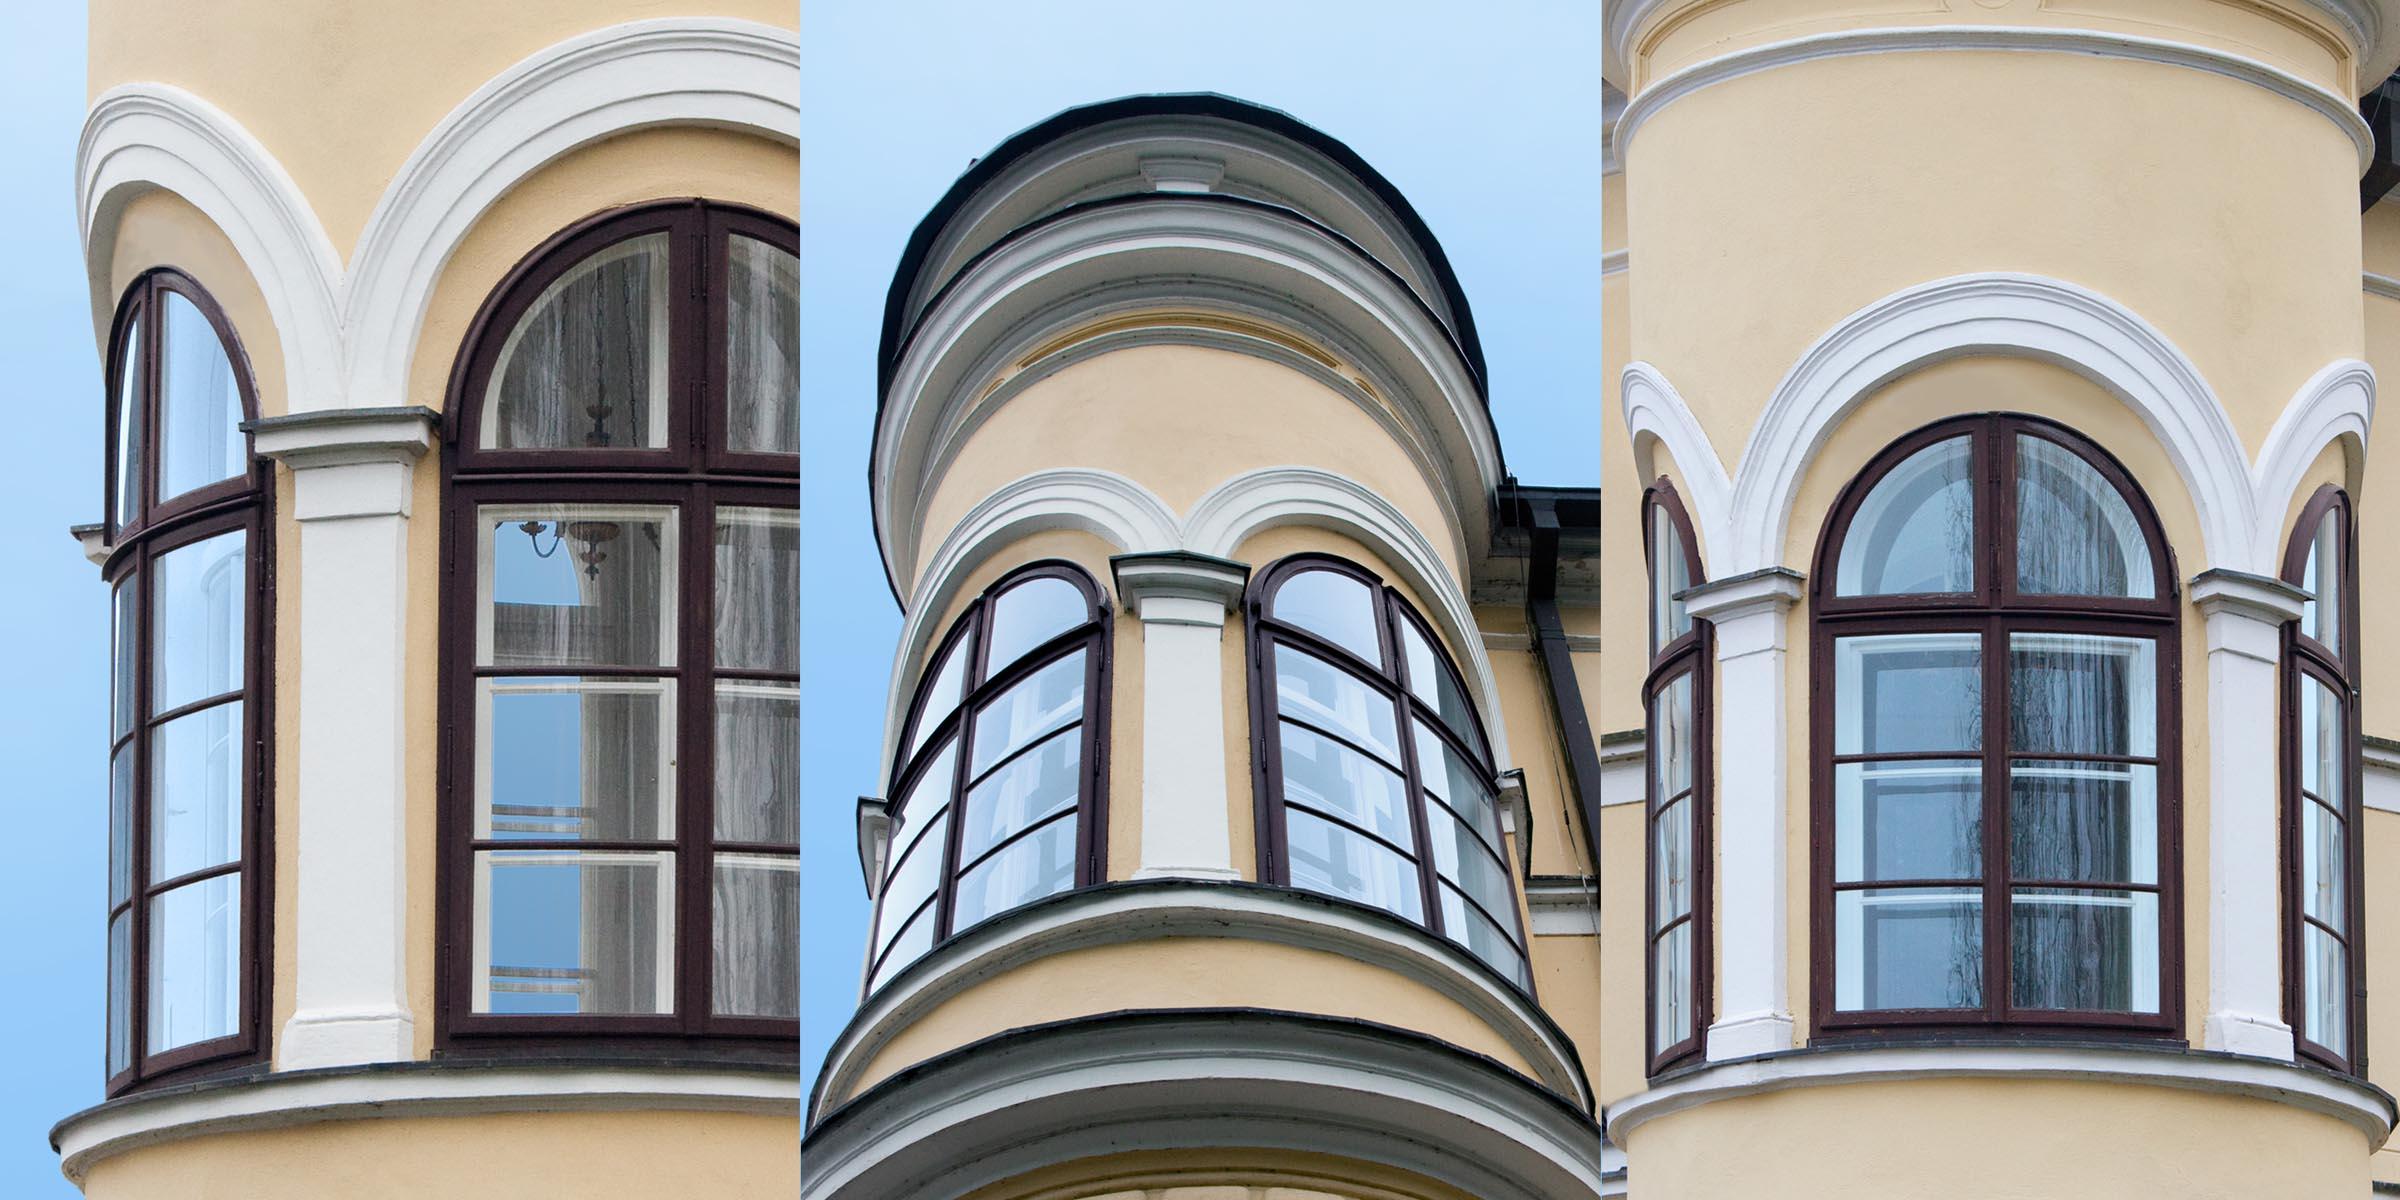 Kastenfenster im Schloss Bergheim Tischler Hans Hummer Feldkirchen an der Donau